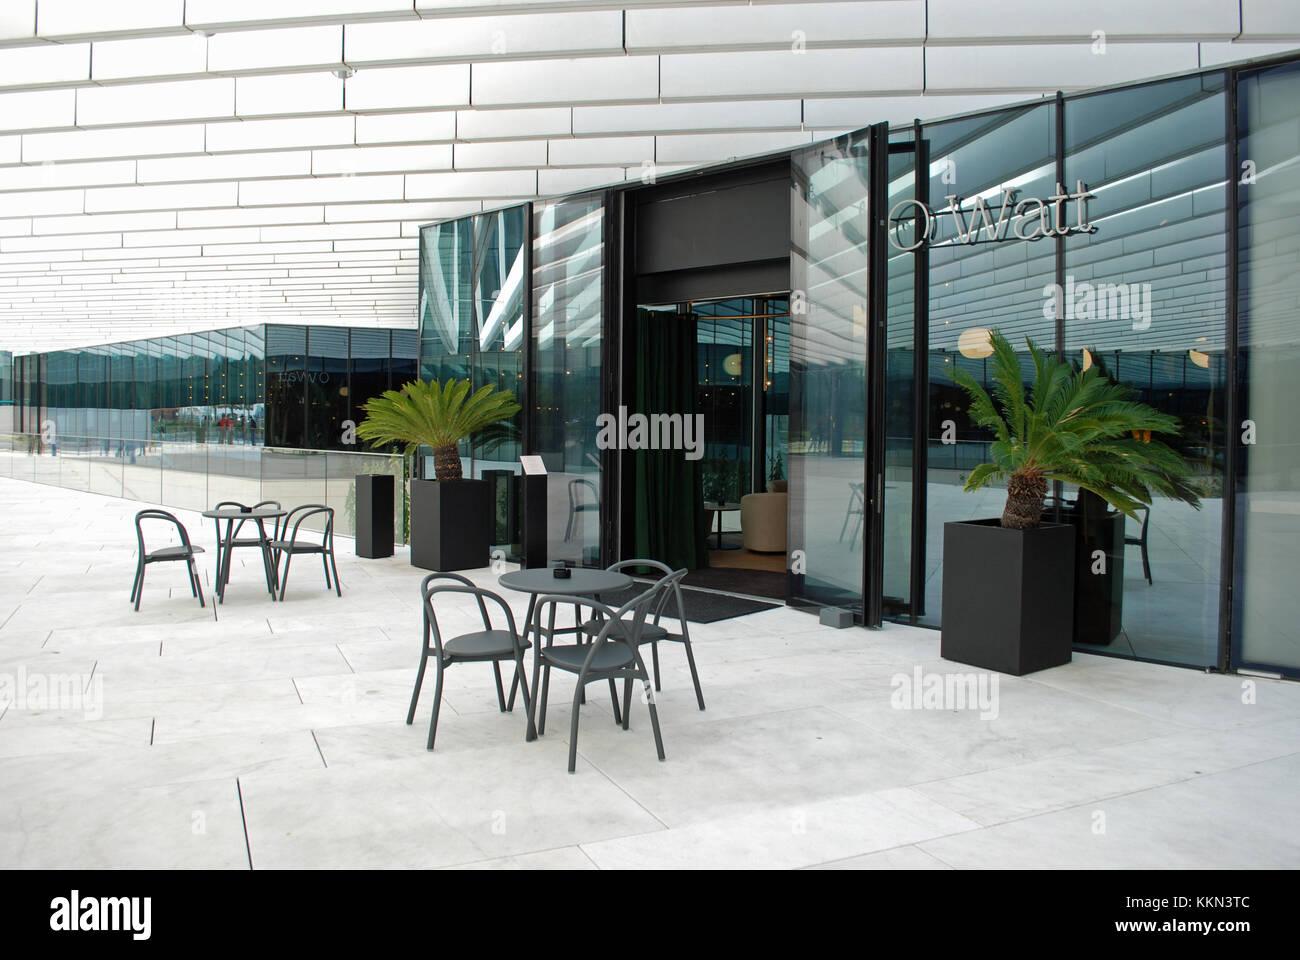 Außenansicht von o watt Fine Dining Restaurant in EDV-Gebäude, Cais do Sodré, Lissabon. Stockbild